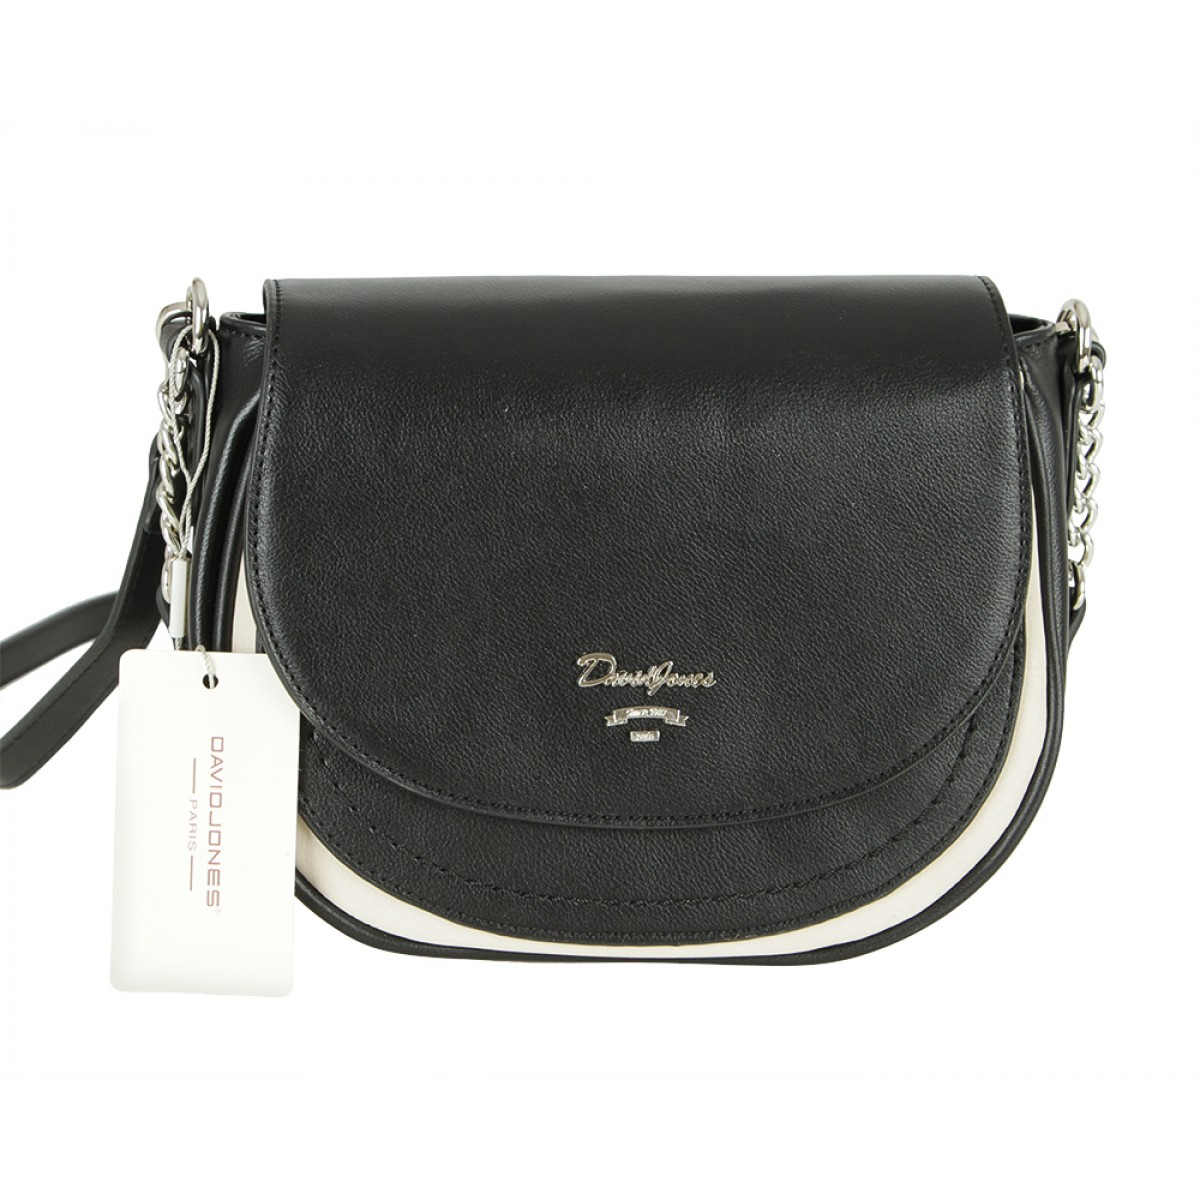 Жіноча сумка David Jones 6204-2 BLACK